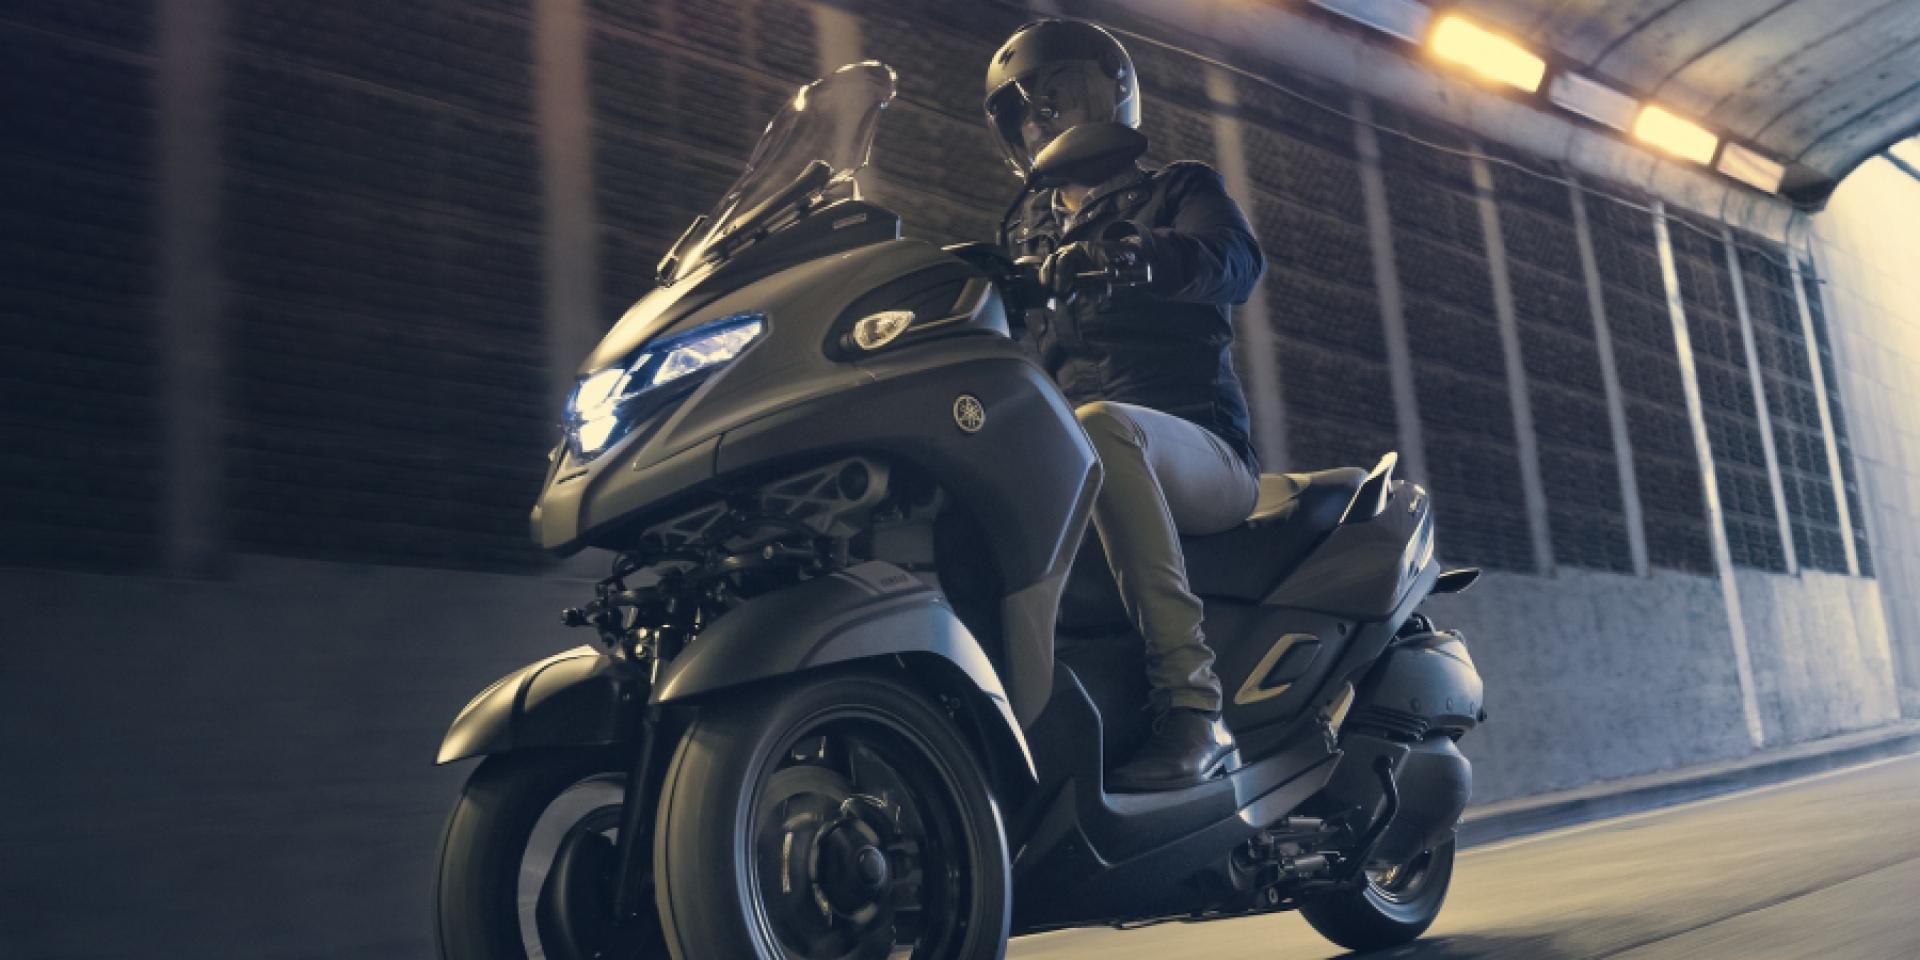 三輪黃羊!YAMAHA Tricity 300東京登場!同場發表全新三輪概念車「MW-VISION」